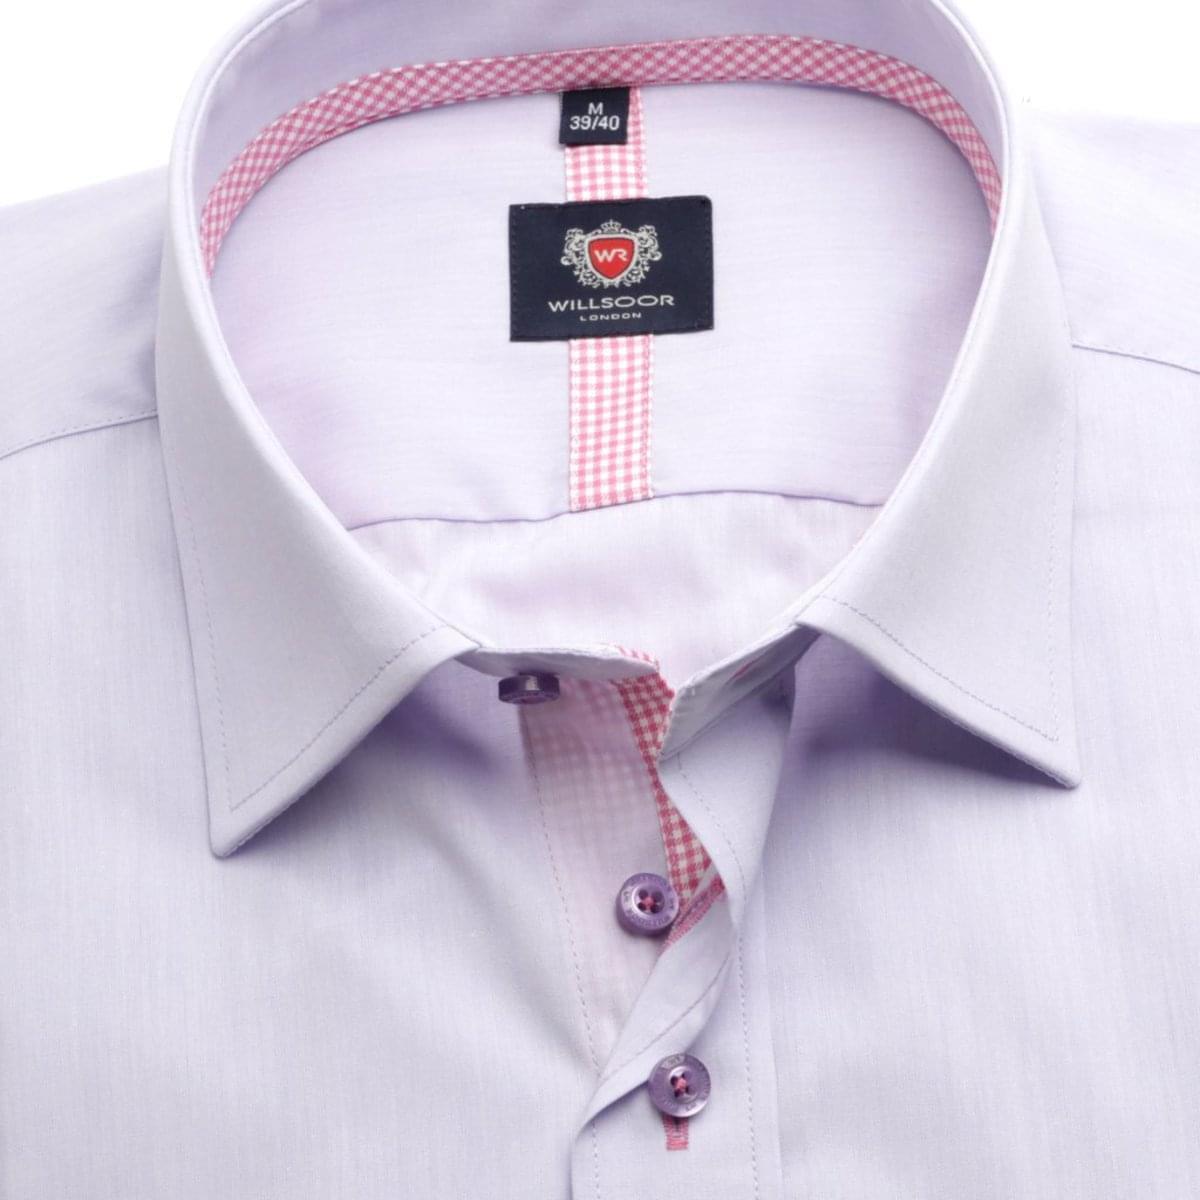 Pánská košile London v fialkové barvě (výška 164-170) 5513 164-170 / XL (43/44)